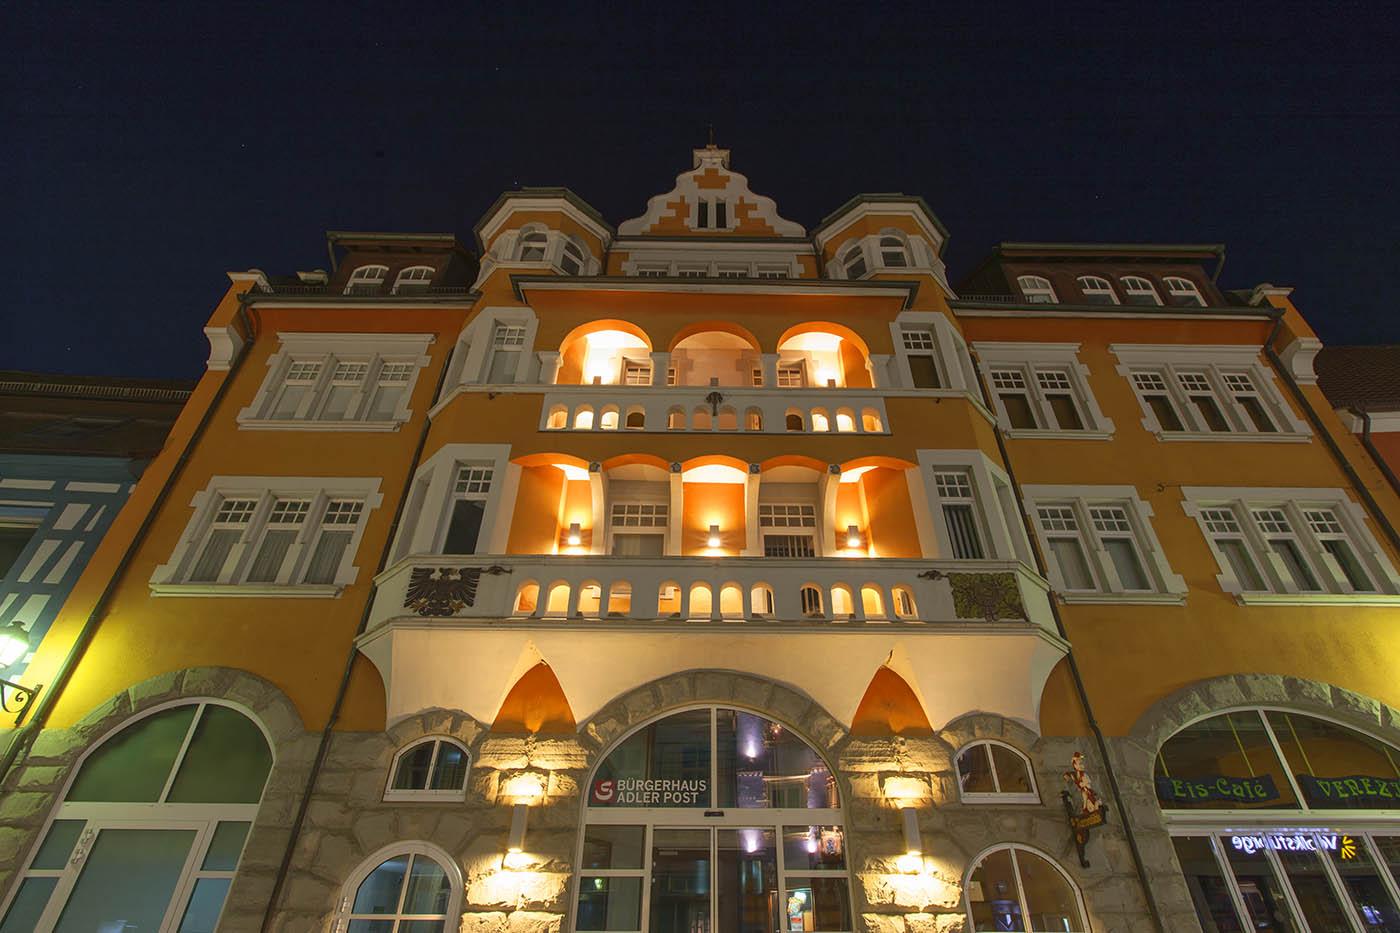 Buergerhaus Adler-Post